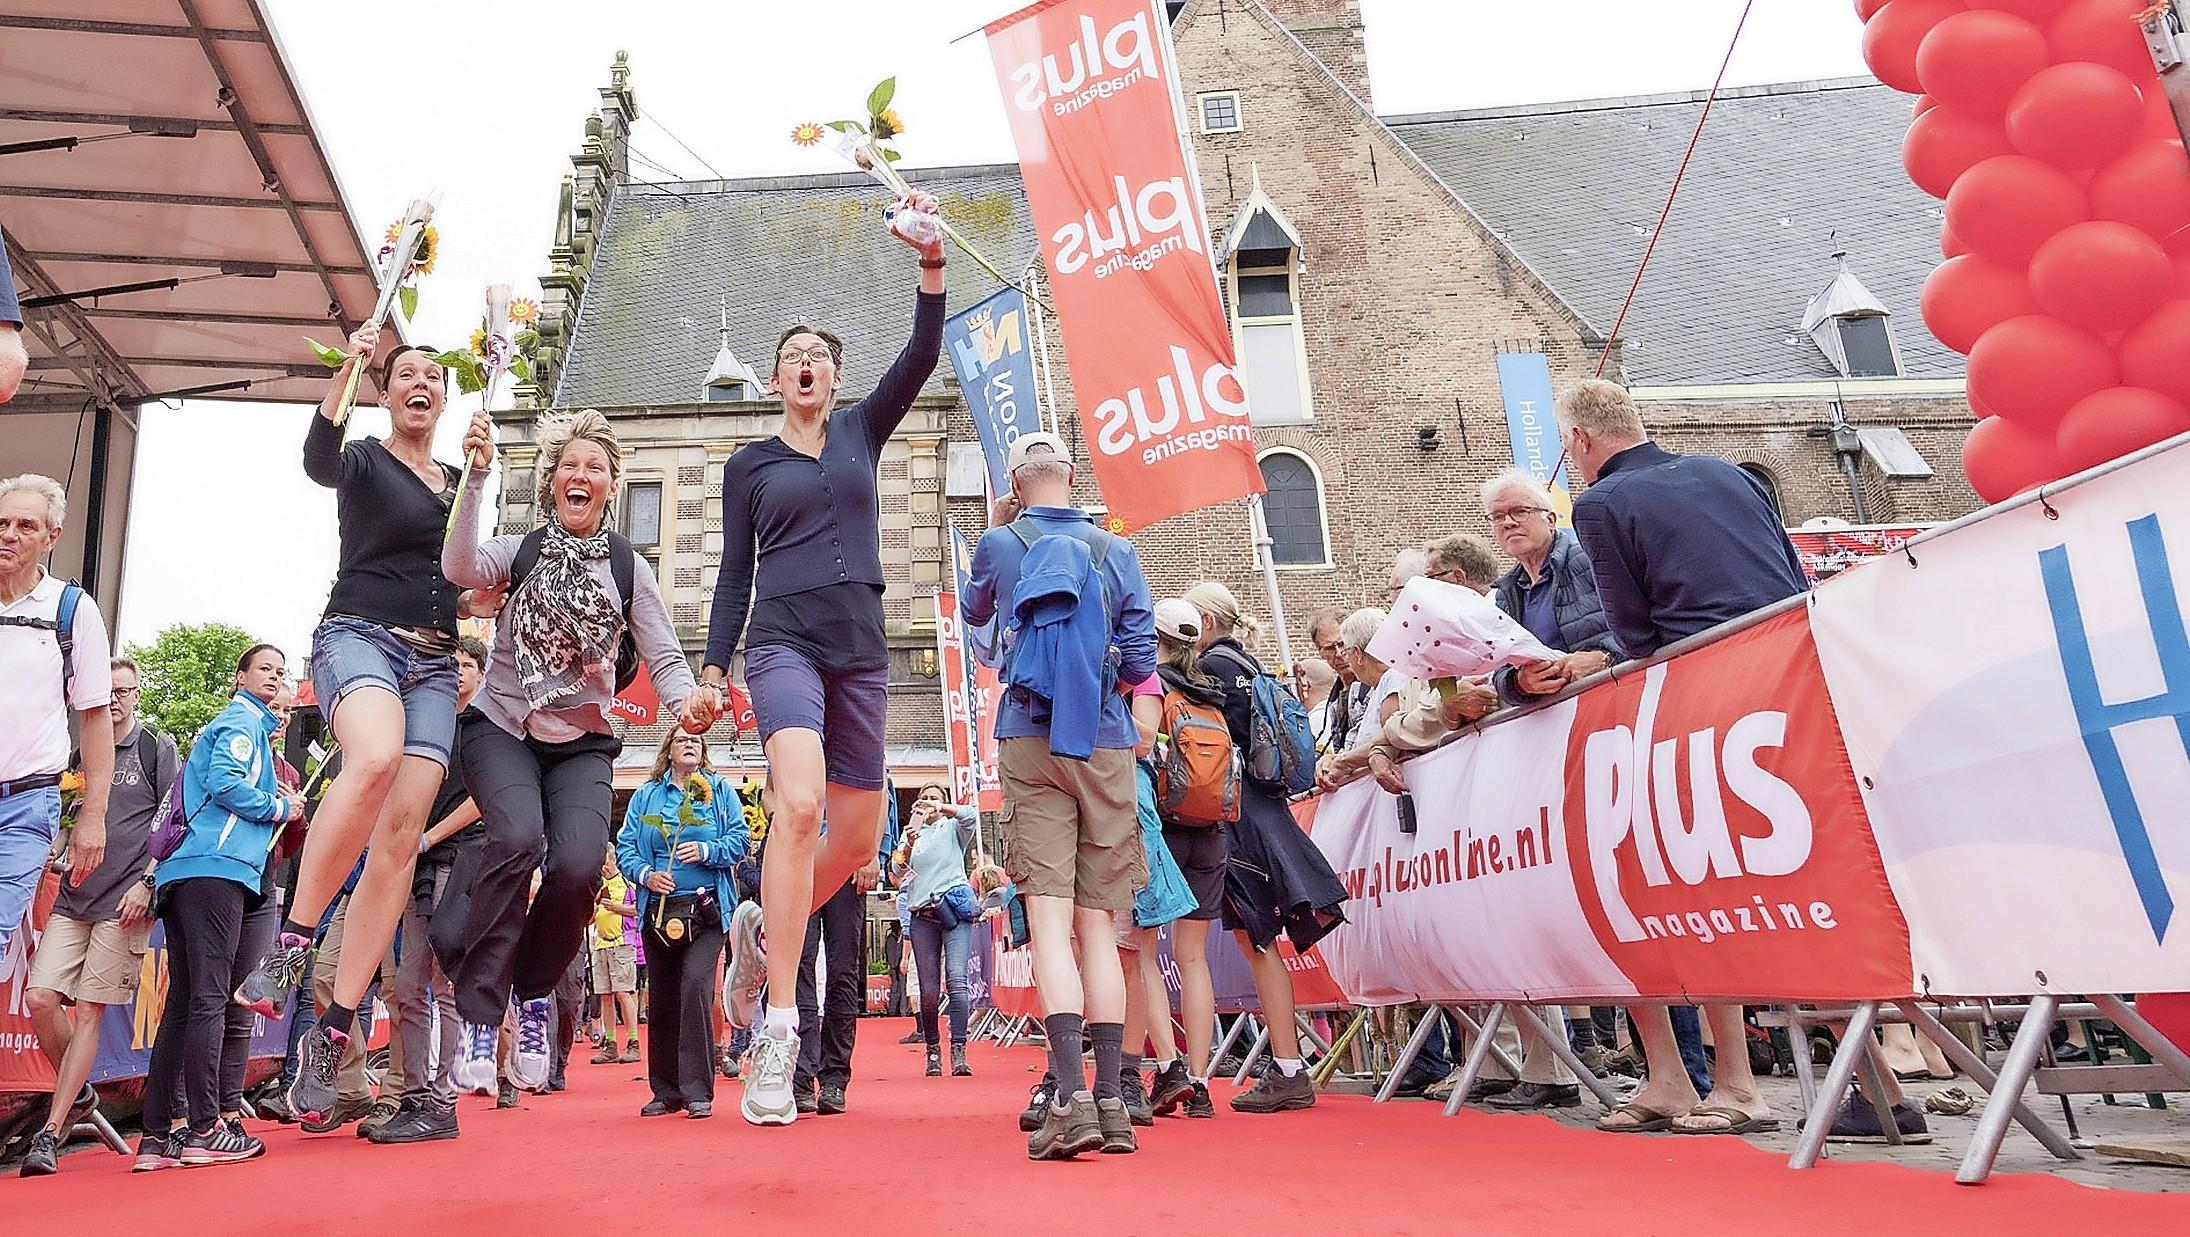 Intocht PlusWandel4daagse Alkmaar: 'Gemoedelijkheid is onze kwaliteit'